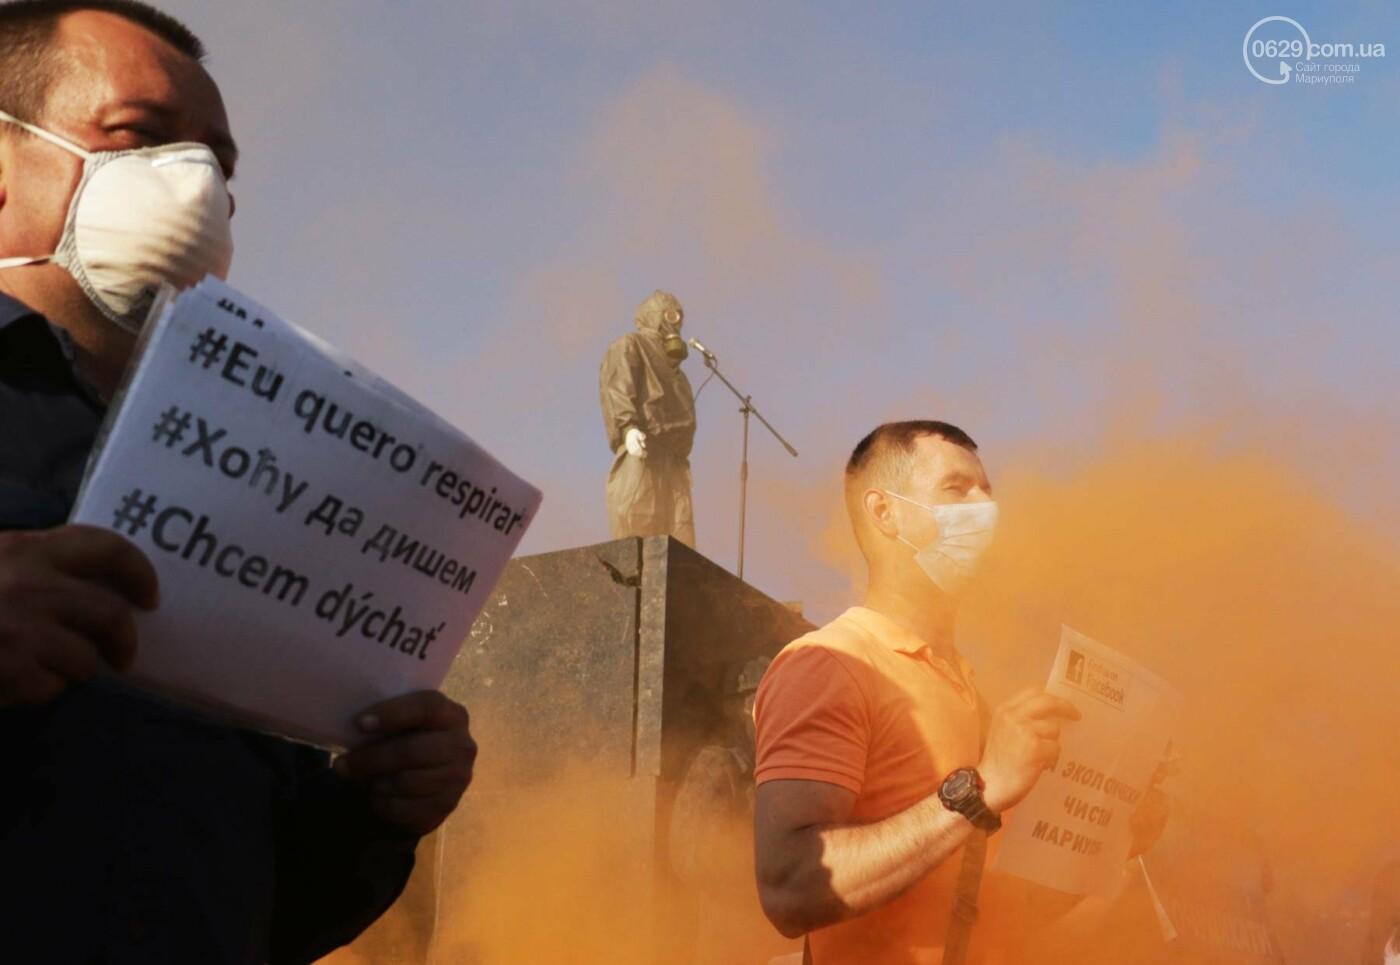 Экологический флешмоб: мариупольцы заявили, что хотят дышать,- ФОТО, ВИДЕО, фото-3